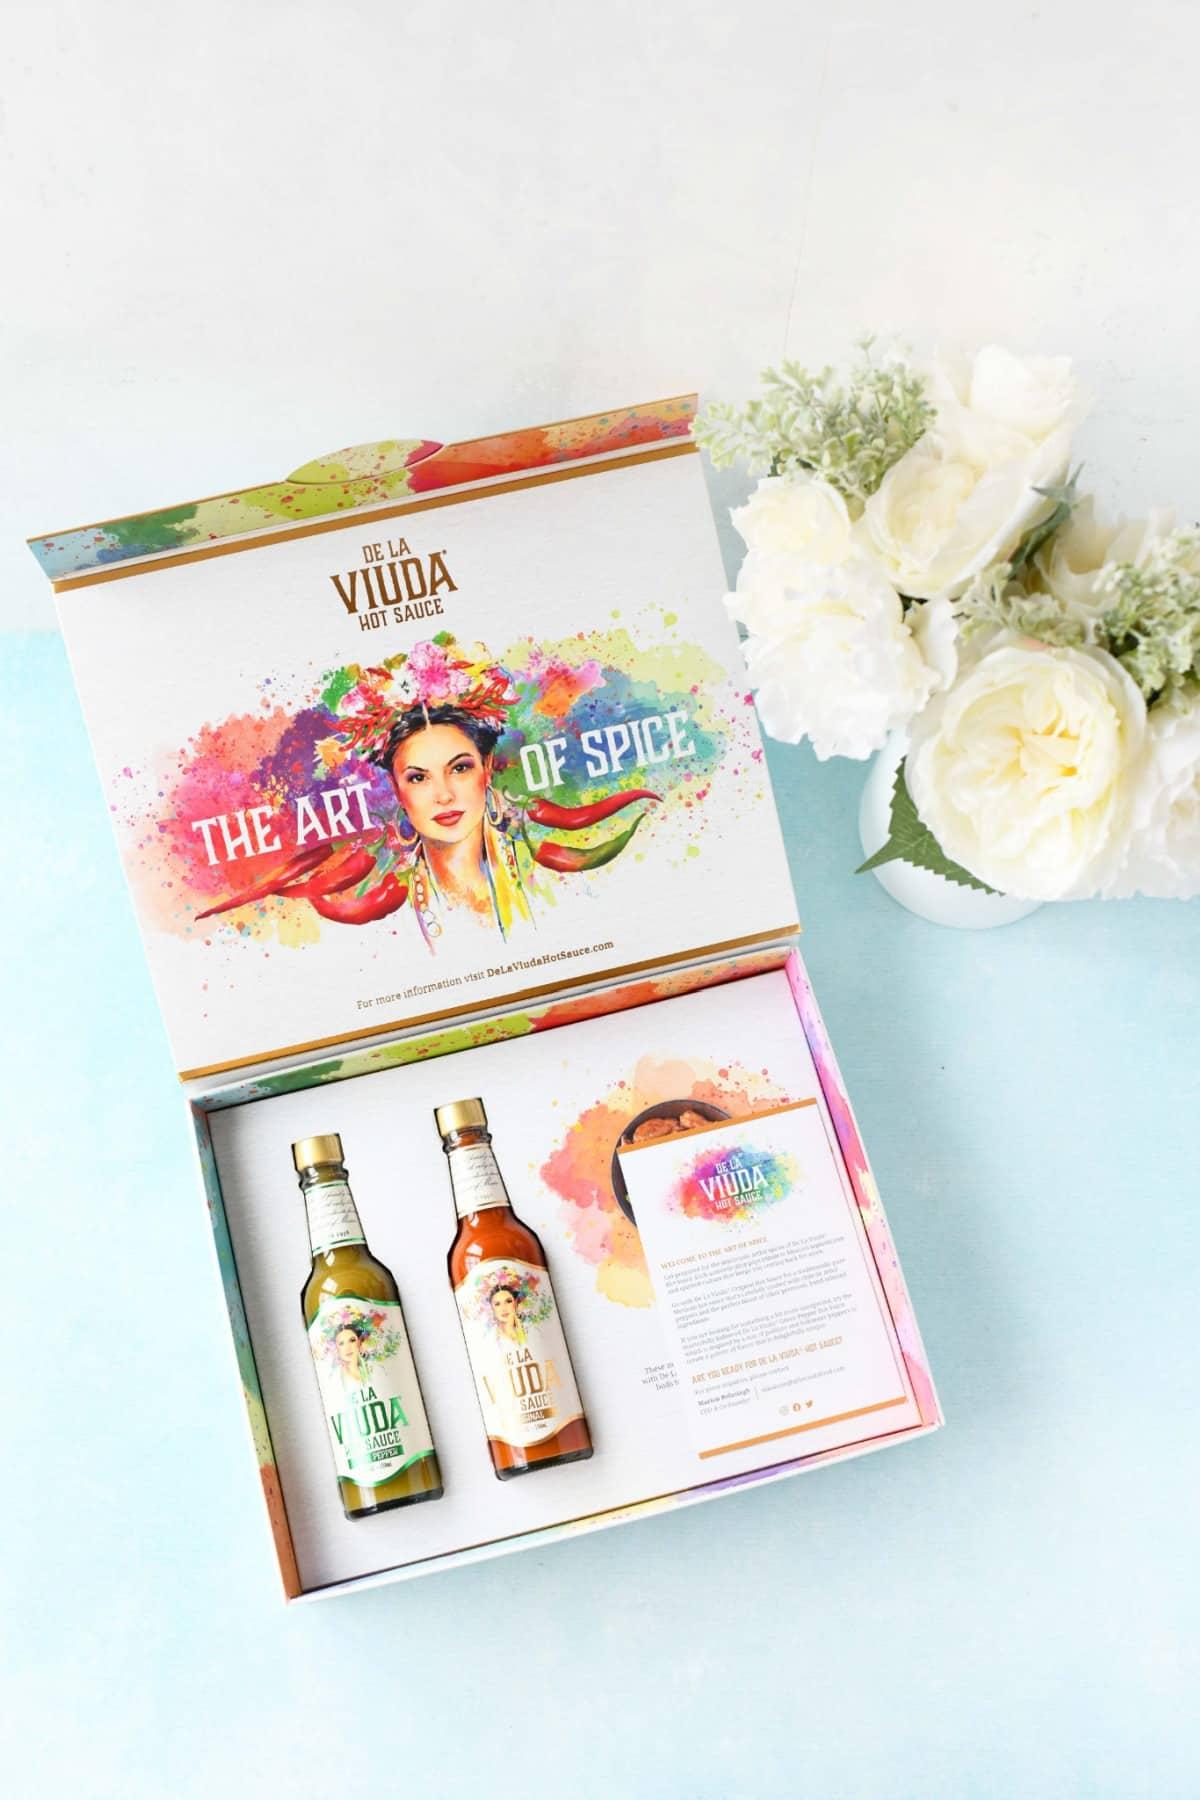 De LA Viuda Hot Sauce colorful gift box.